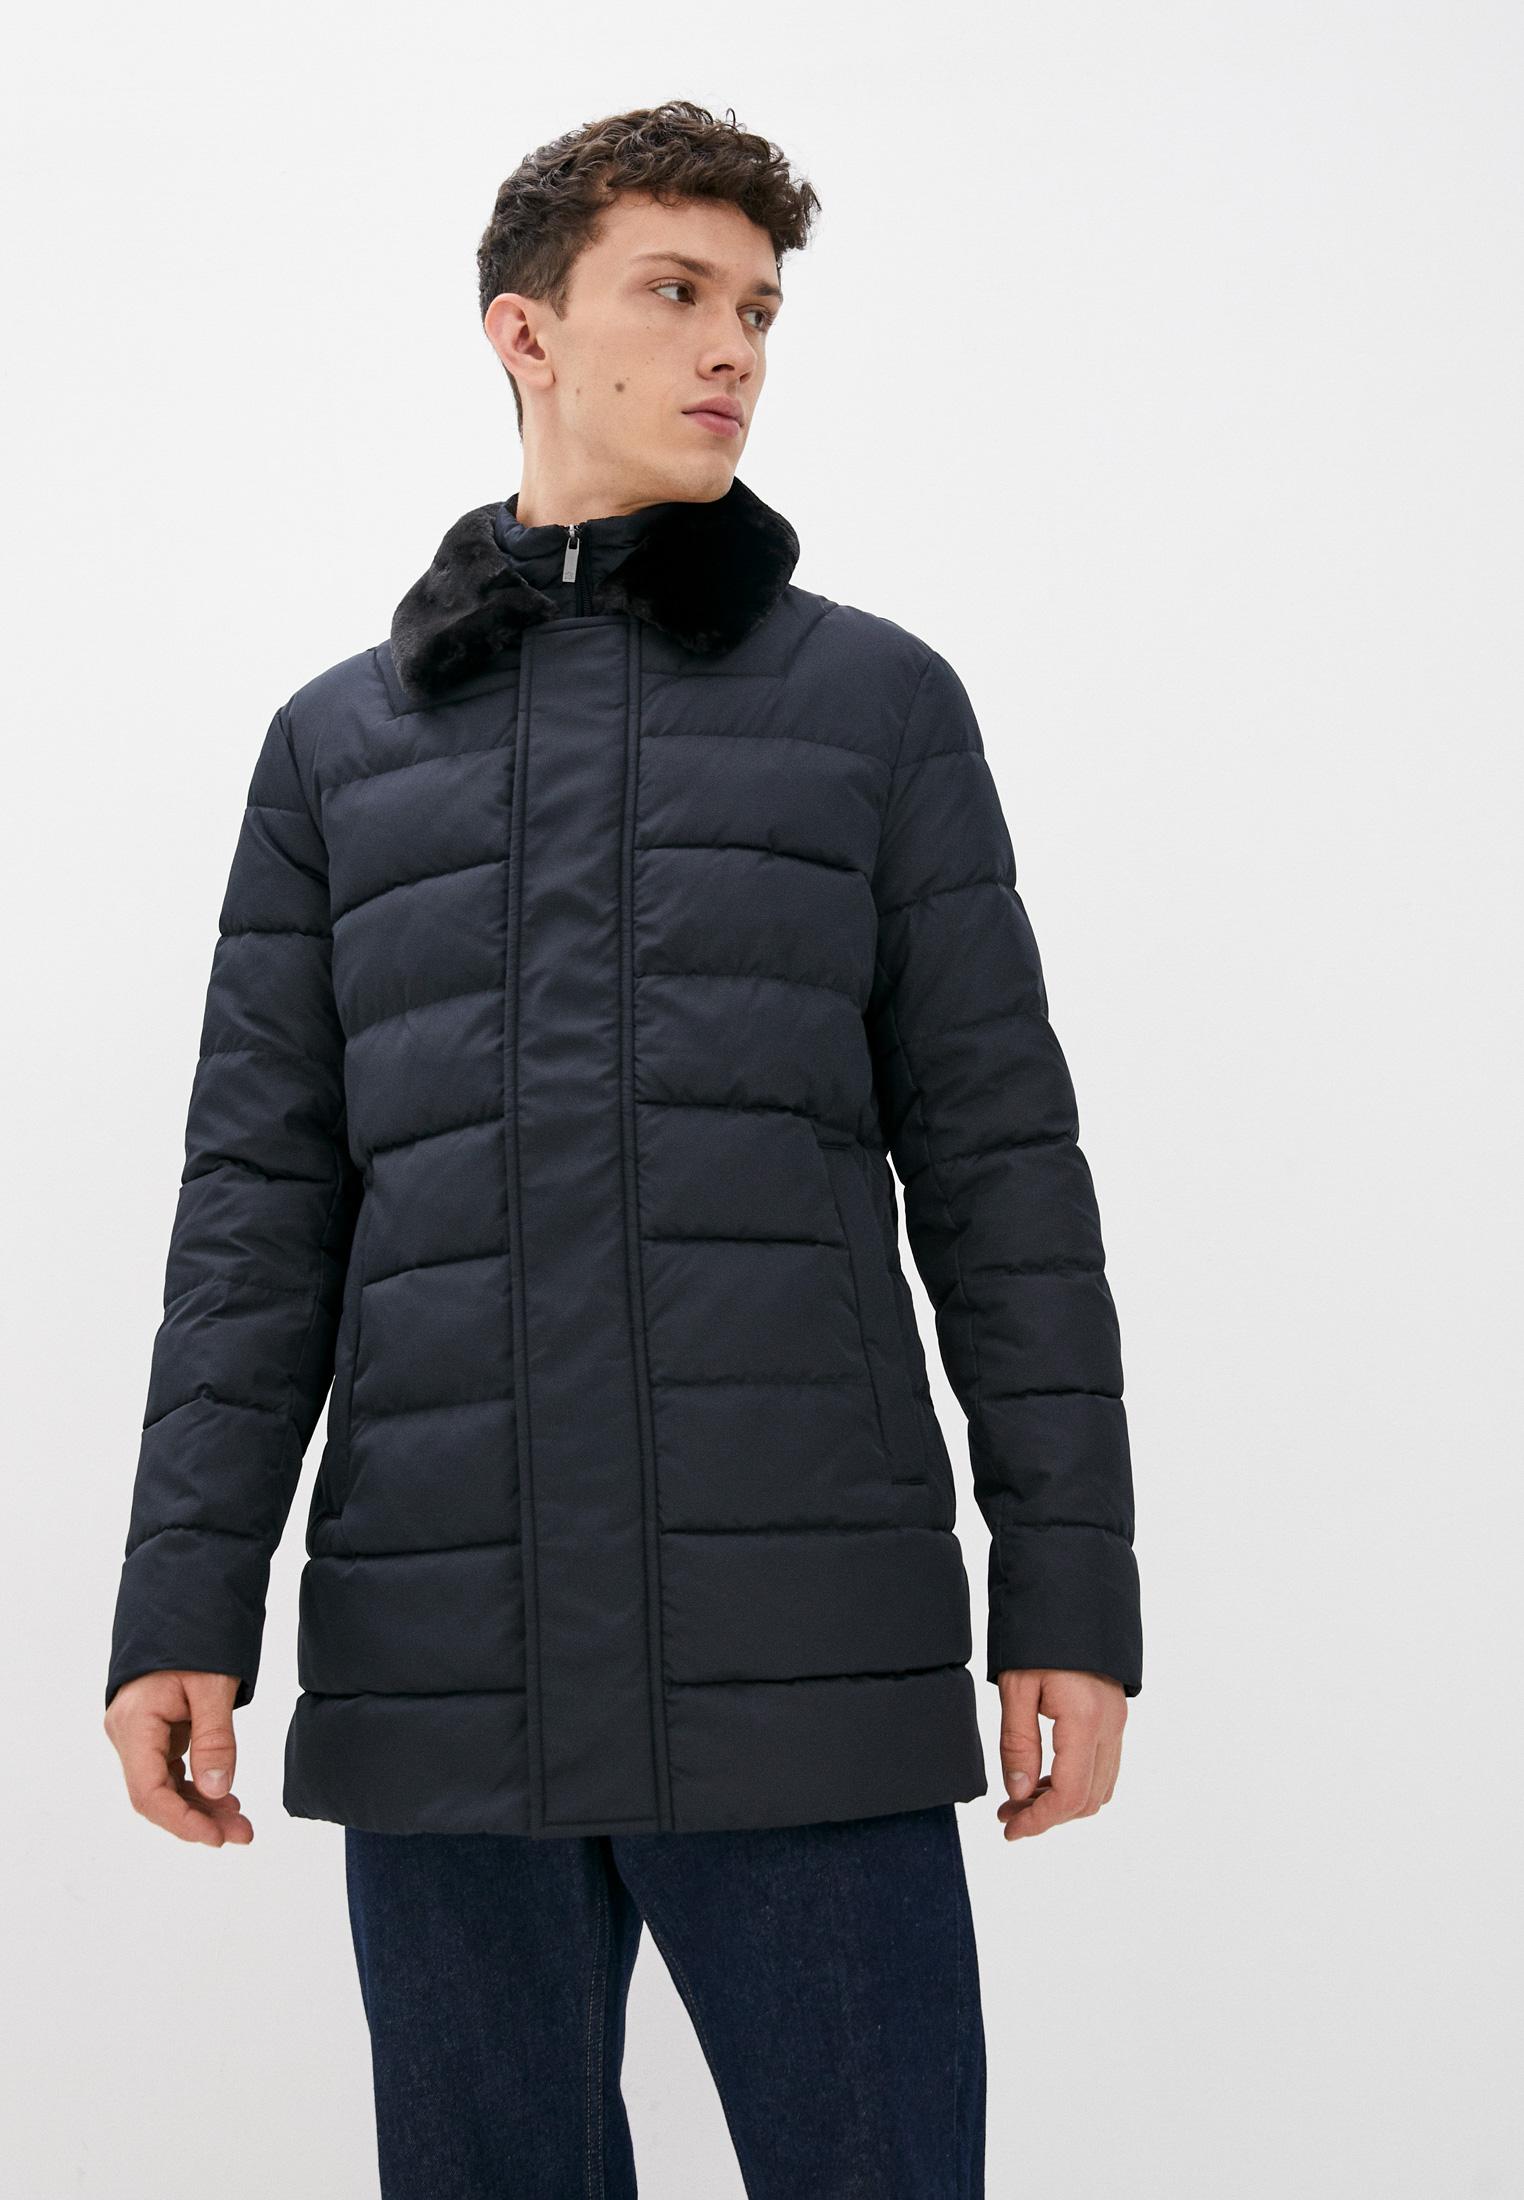 Утепленная куртка MADZERINI Куртка утепленная Madzerini